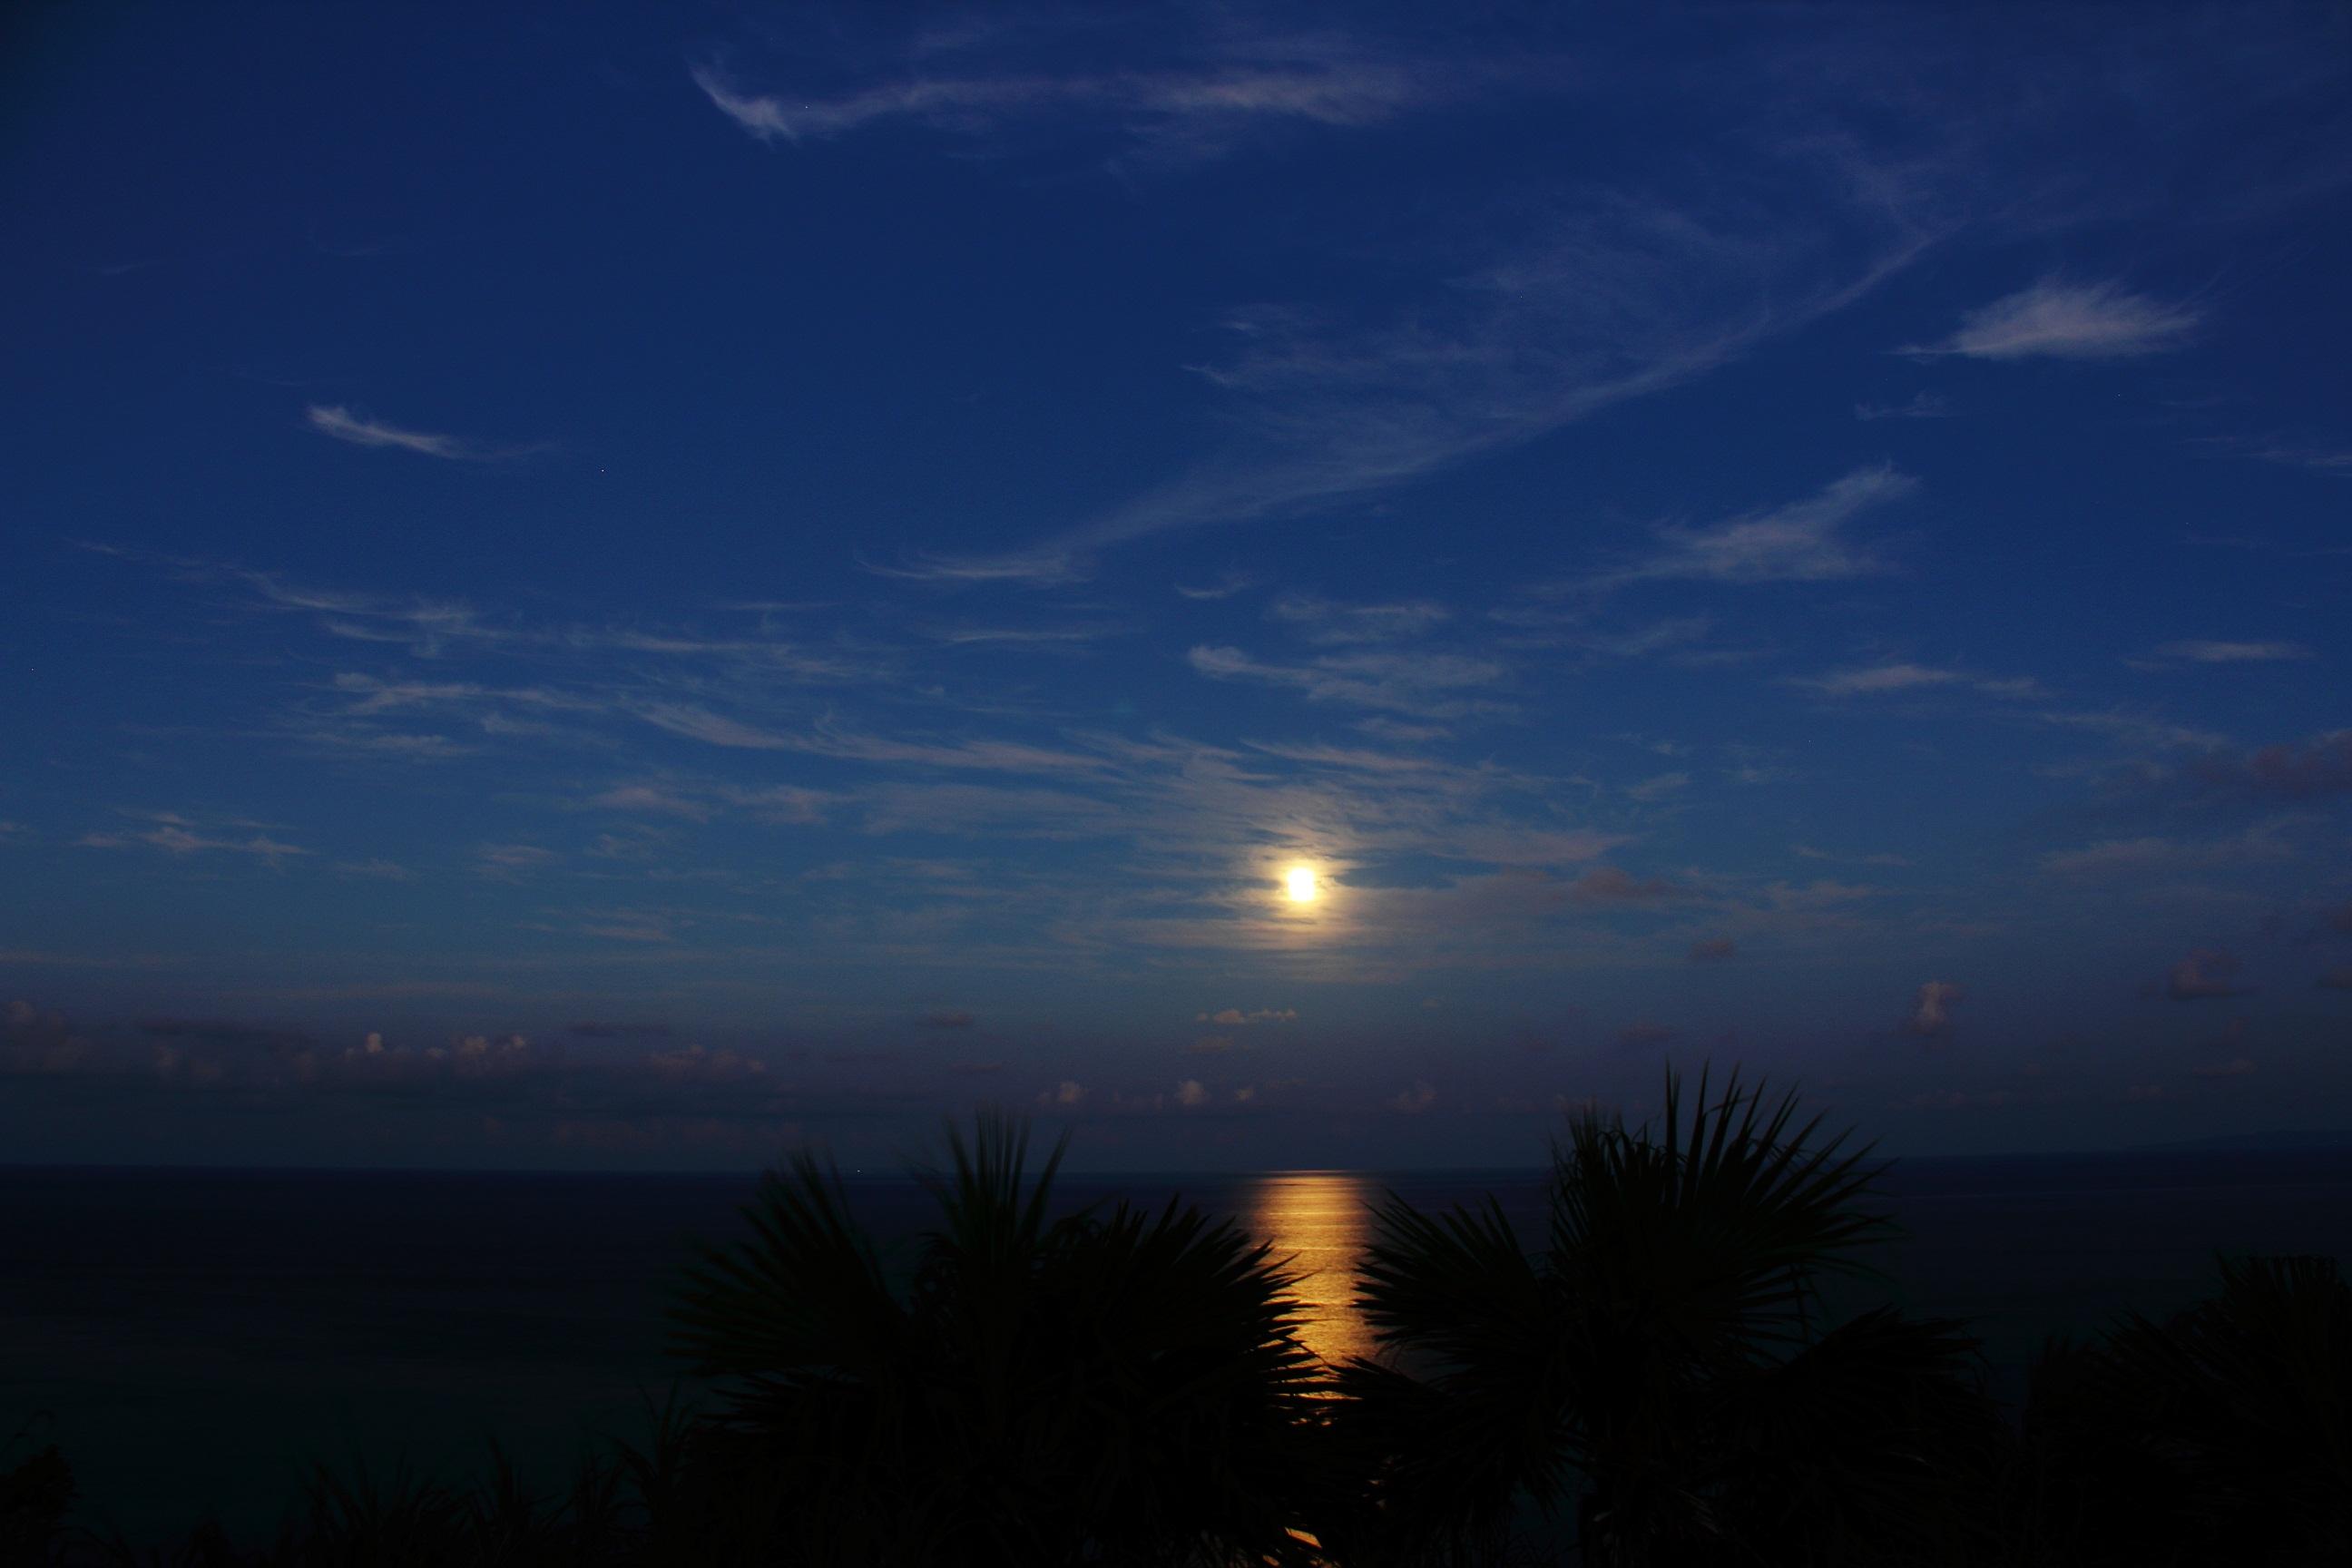 伊平屋ムーンライトマラソン「星の声援、月の伴走」